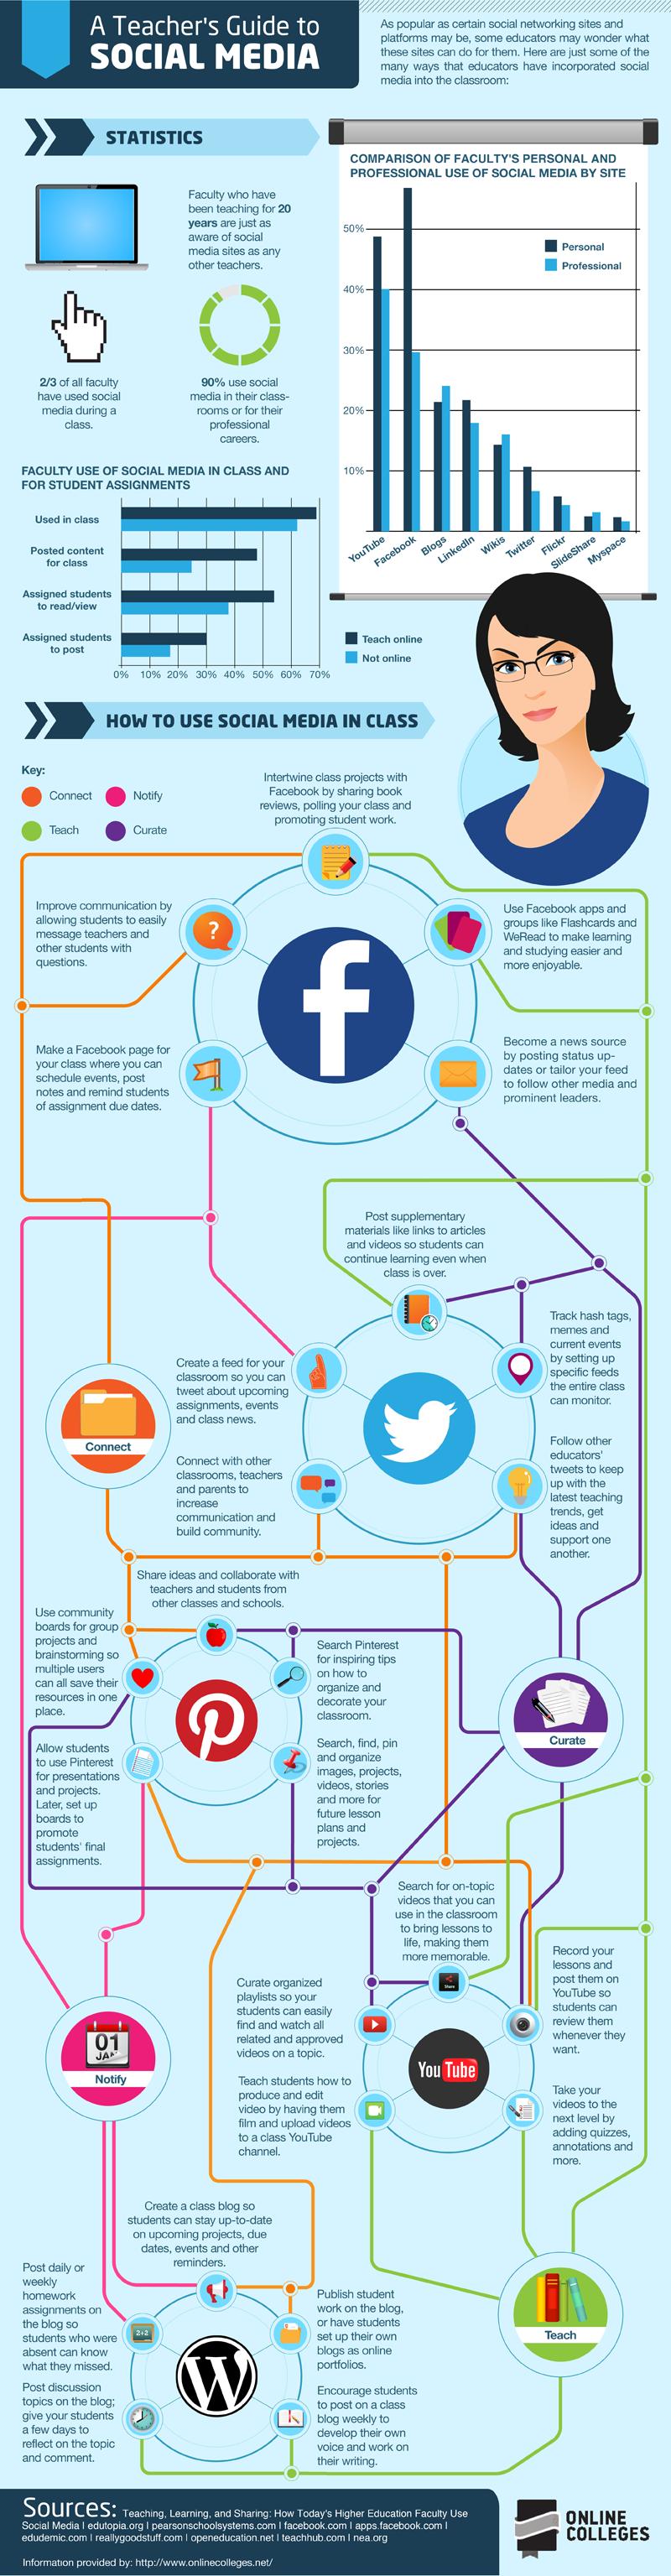 Come gli #insegnanti possono usare i #Social #Media in classe? #Infografica